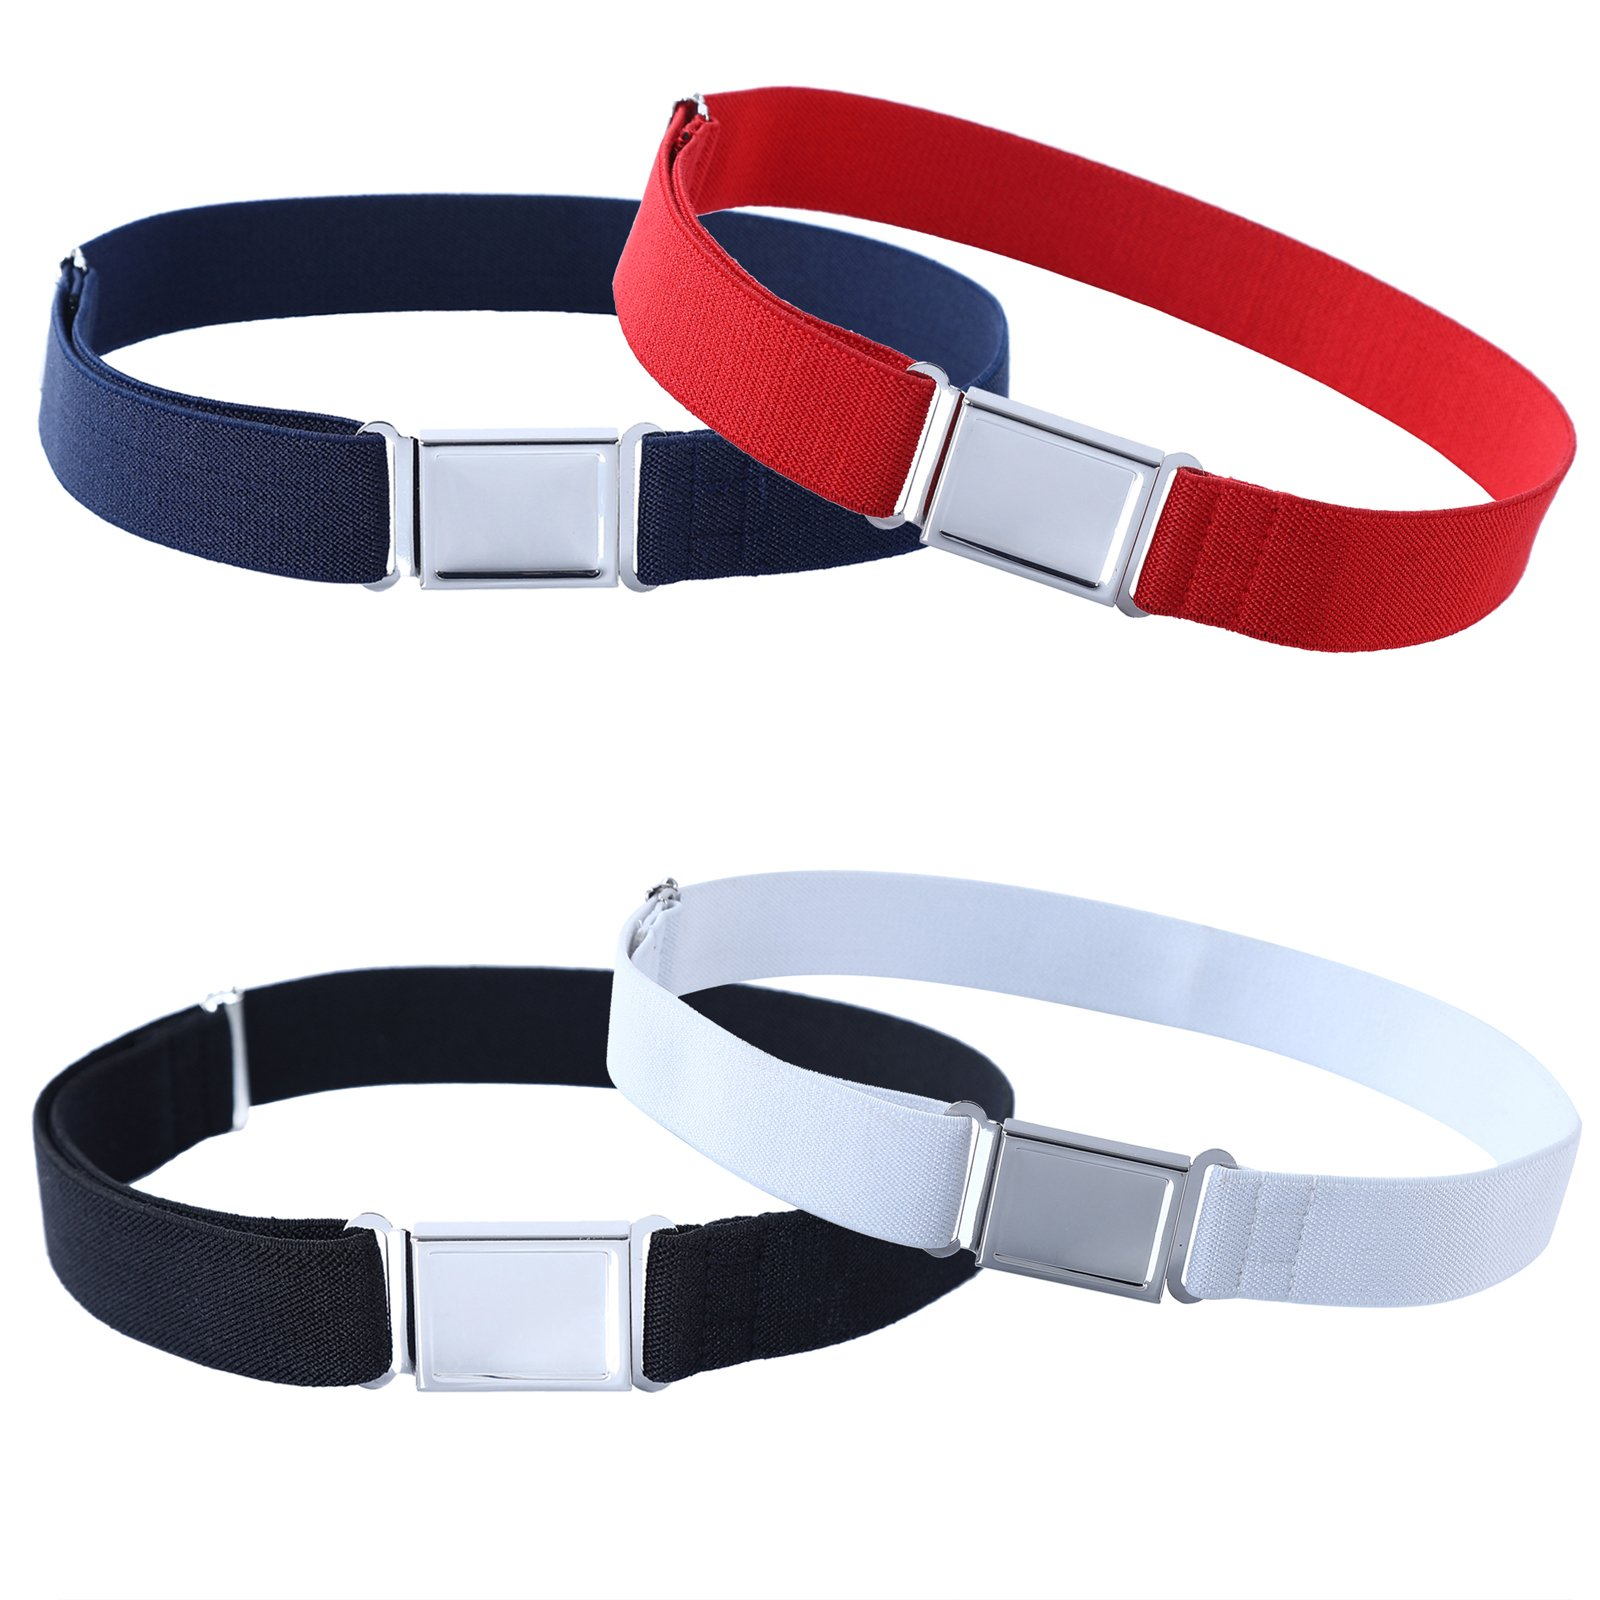 4PCS Kids Boys Adjustable Magnetic Belt - Big Elastic Stretch Belt with Easy Magnetic Buckle (Navy Blue/Red/Black/White)